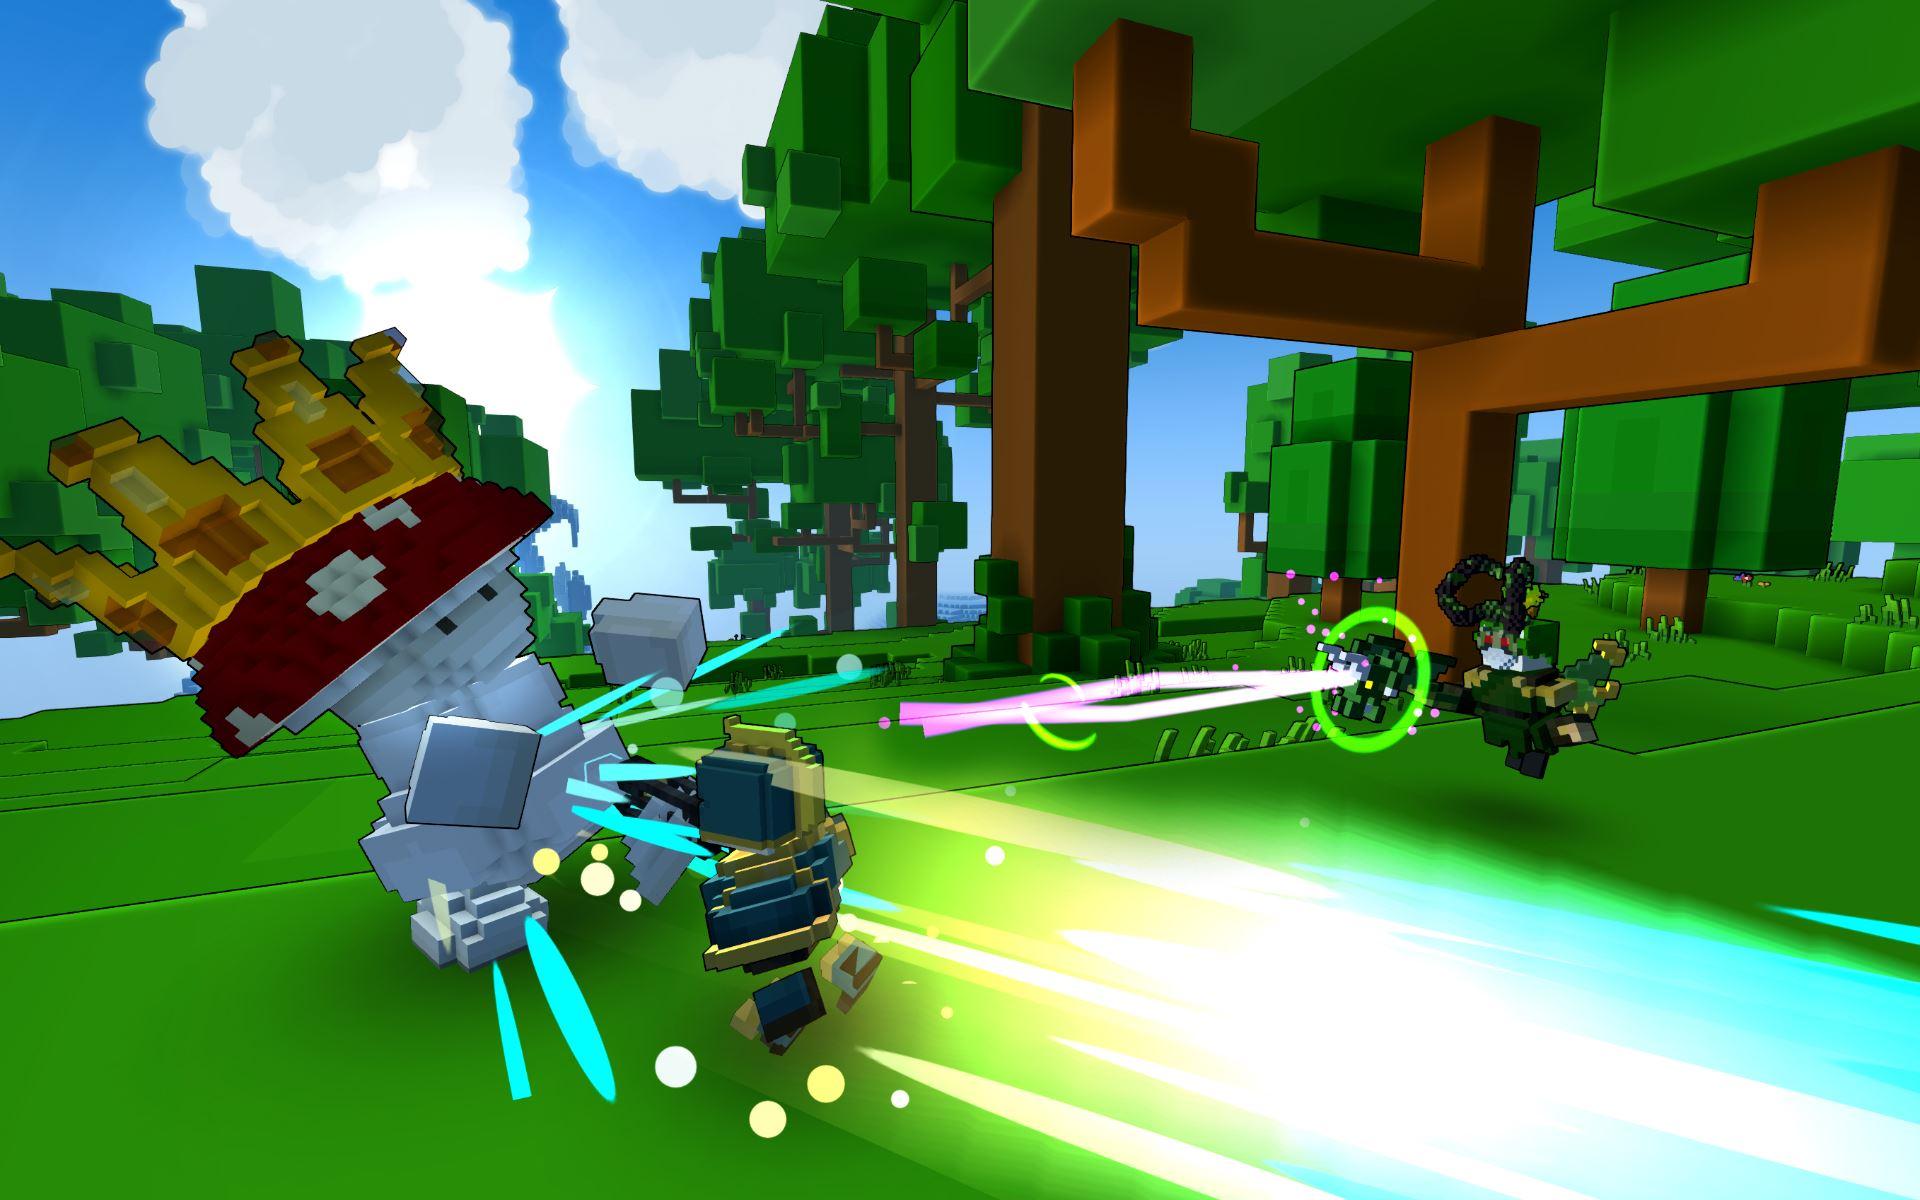 Minecraft-ähnliches MMO Trove hat Release-Datum auf PS4, Xbox One